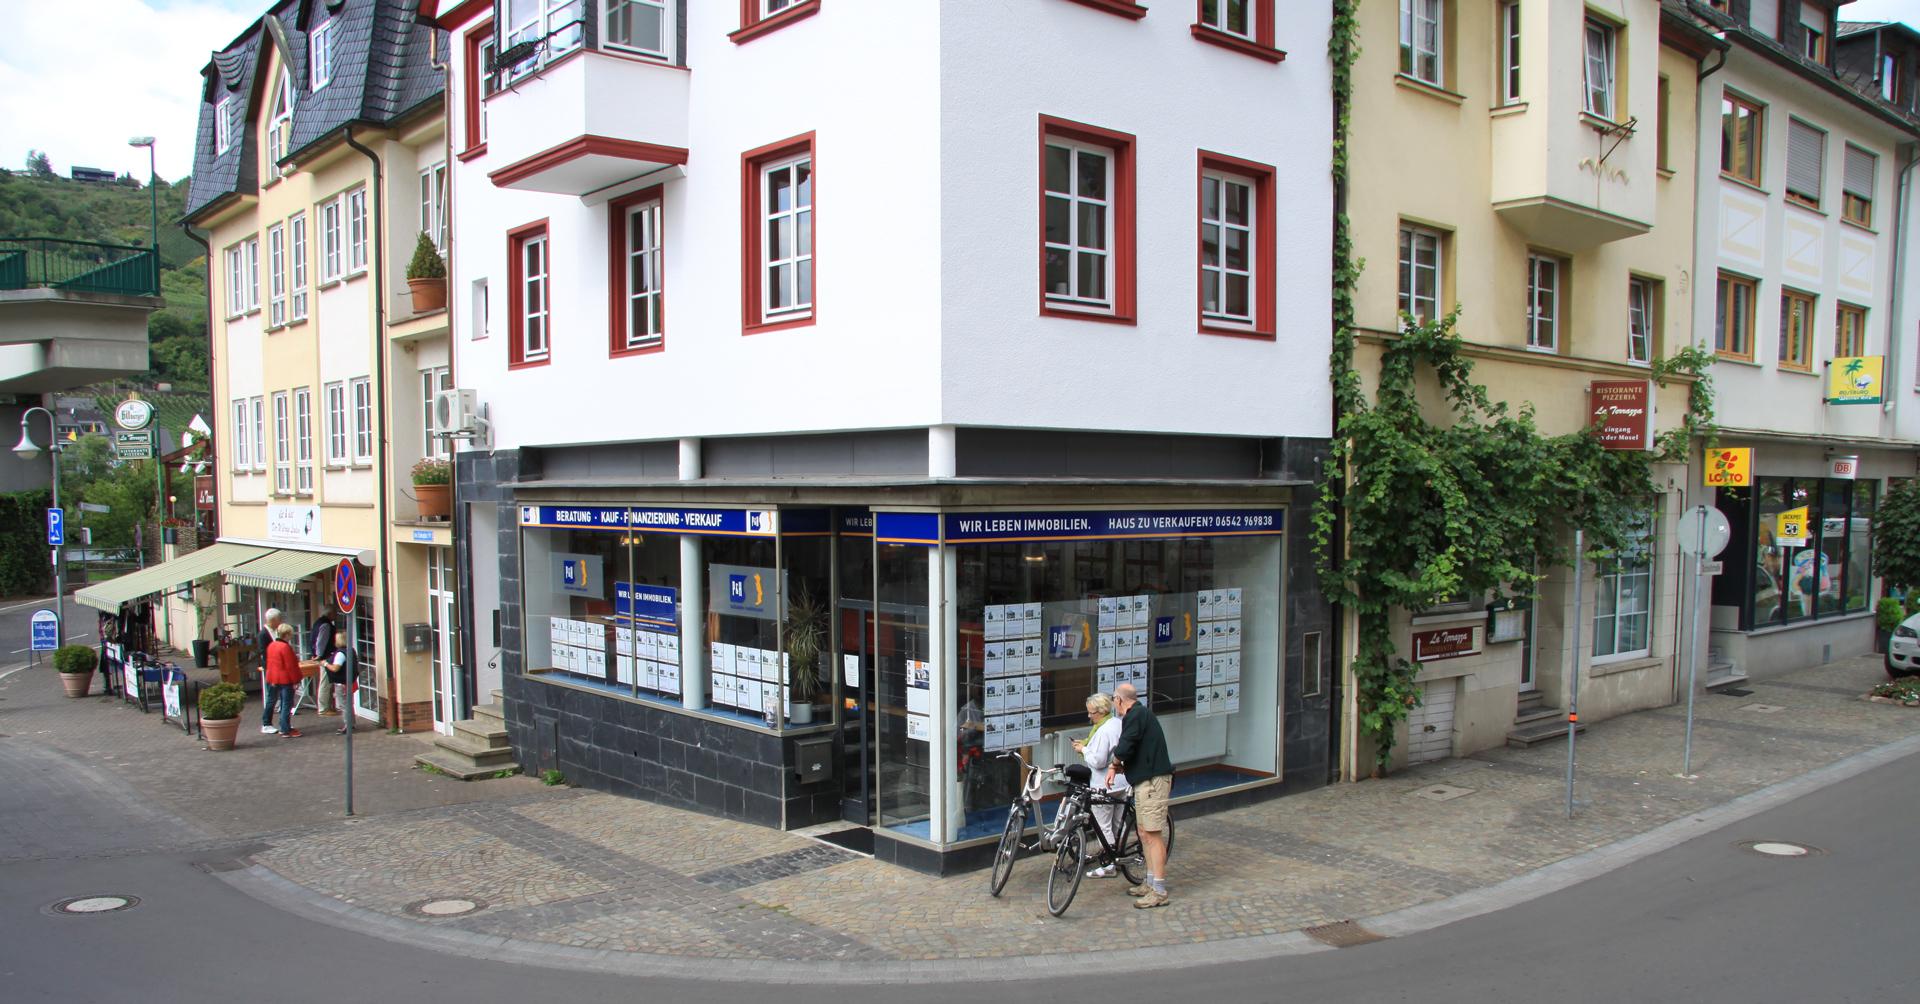 Öffentlicher Makler Immobilien